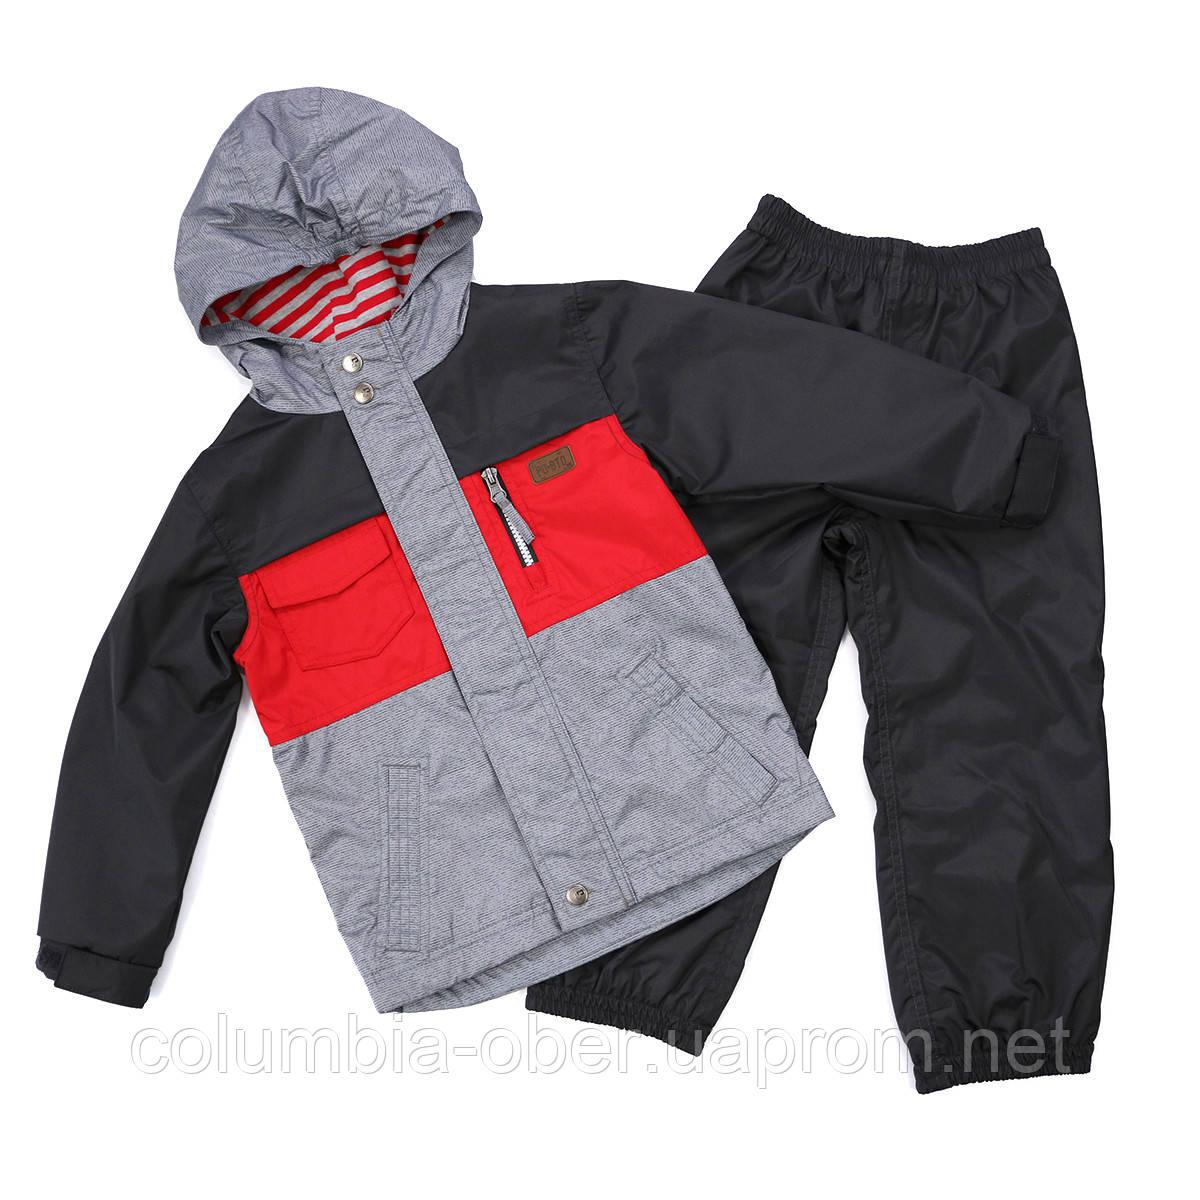 Демисезонный костюм для мальчика Peluche 65 M S17 Chili. Размеры  98 и  127.